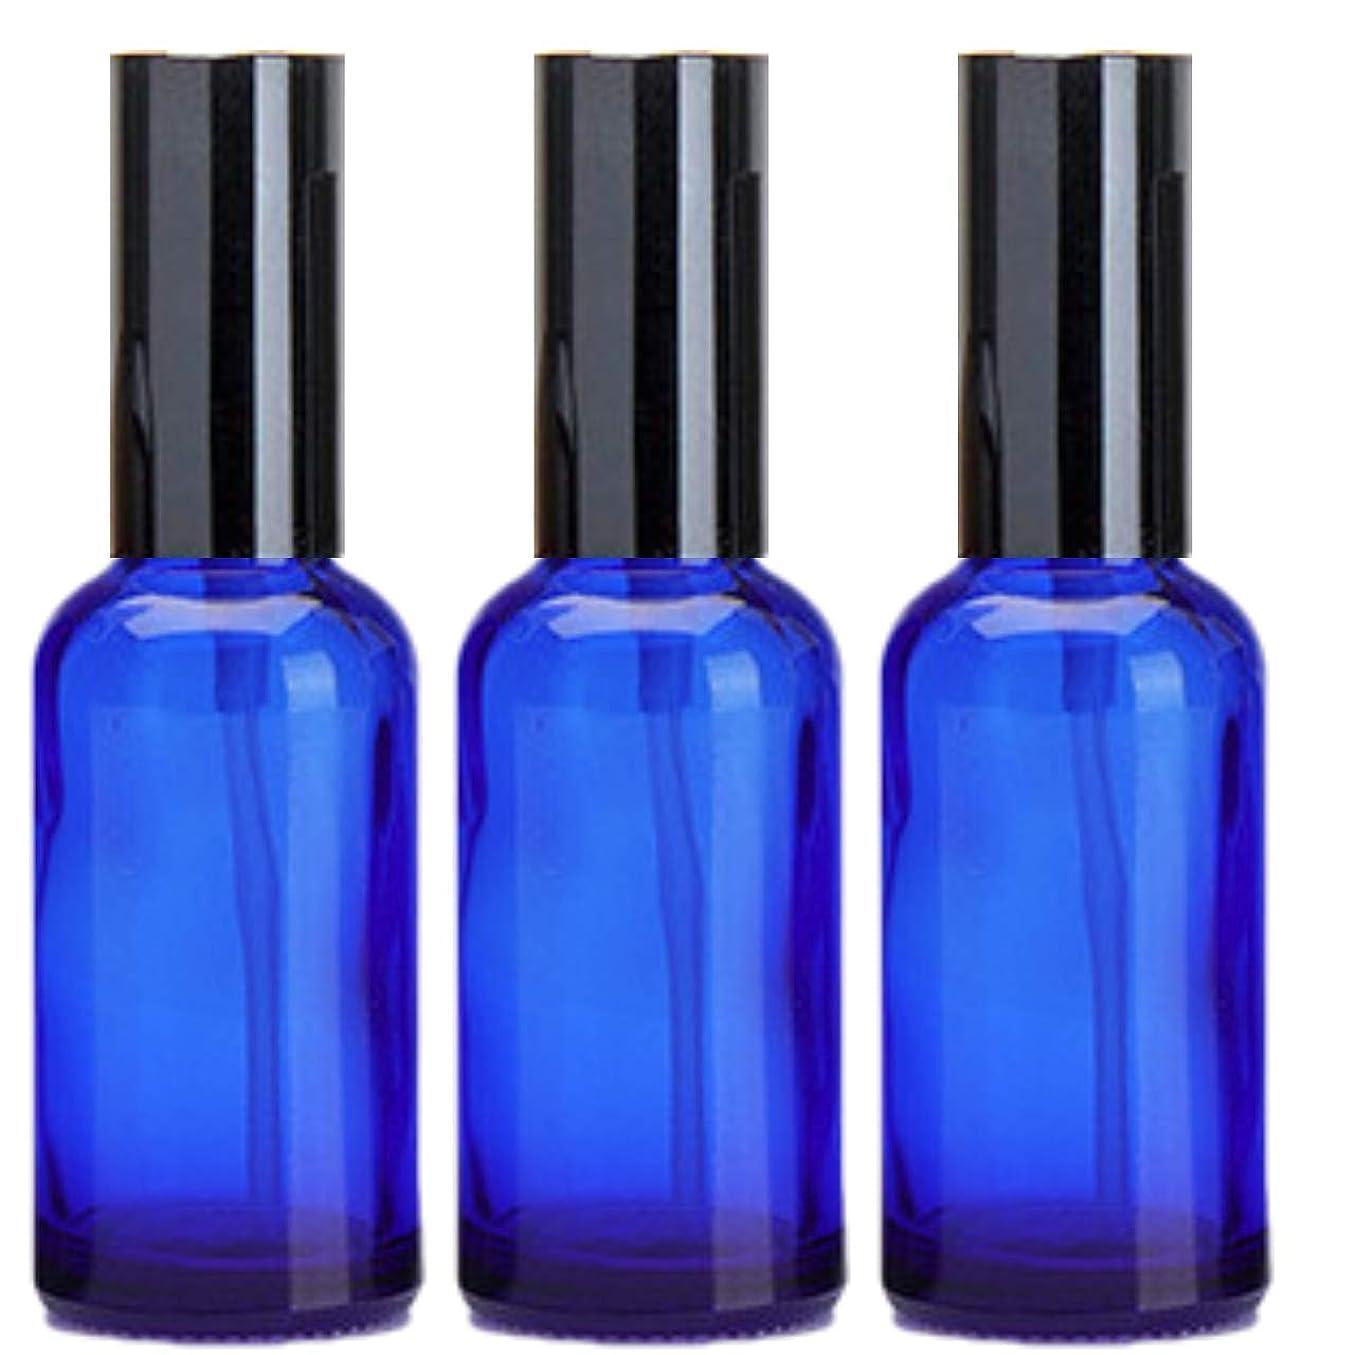 勃起抜け目がない寄託乳液 ボトル 3本セット クリーム容器 アロマクリーム ハンドクリーム 遮光瓶 ガラス 瓶 アロマ ボトル ビン 保存 詰替え 青色 ブルー (30m?3本)